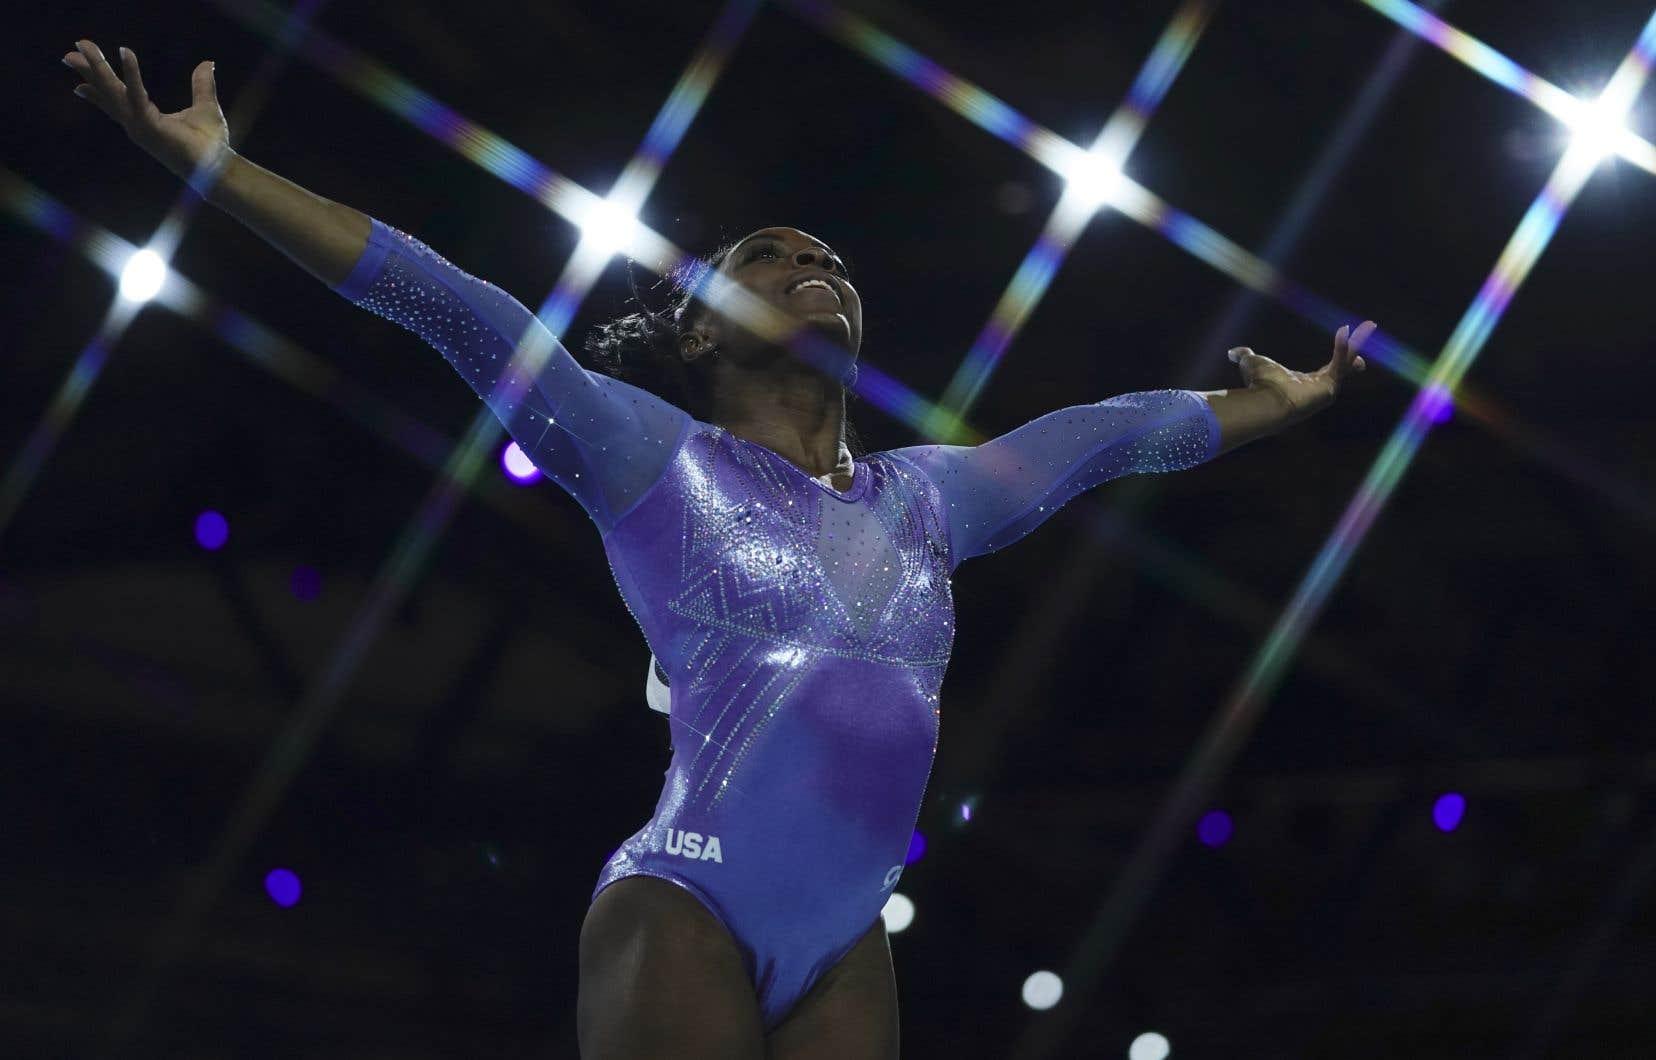 Biles n'est pas seulement extrêmement talentueuse. Elle a la personnalité d'une vedette olympique.